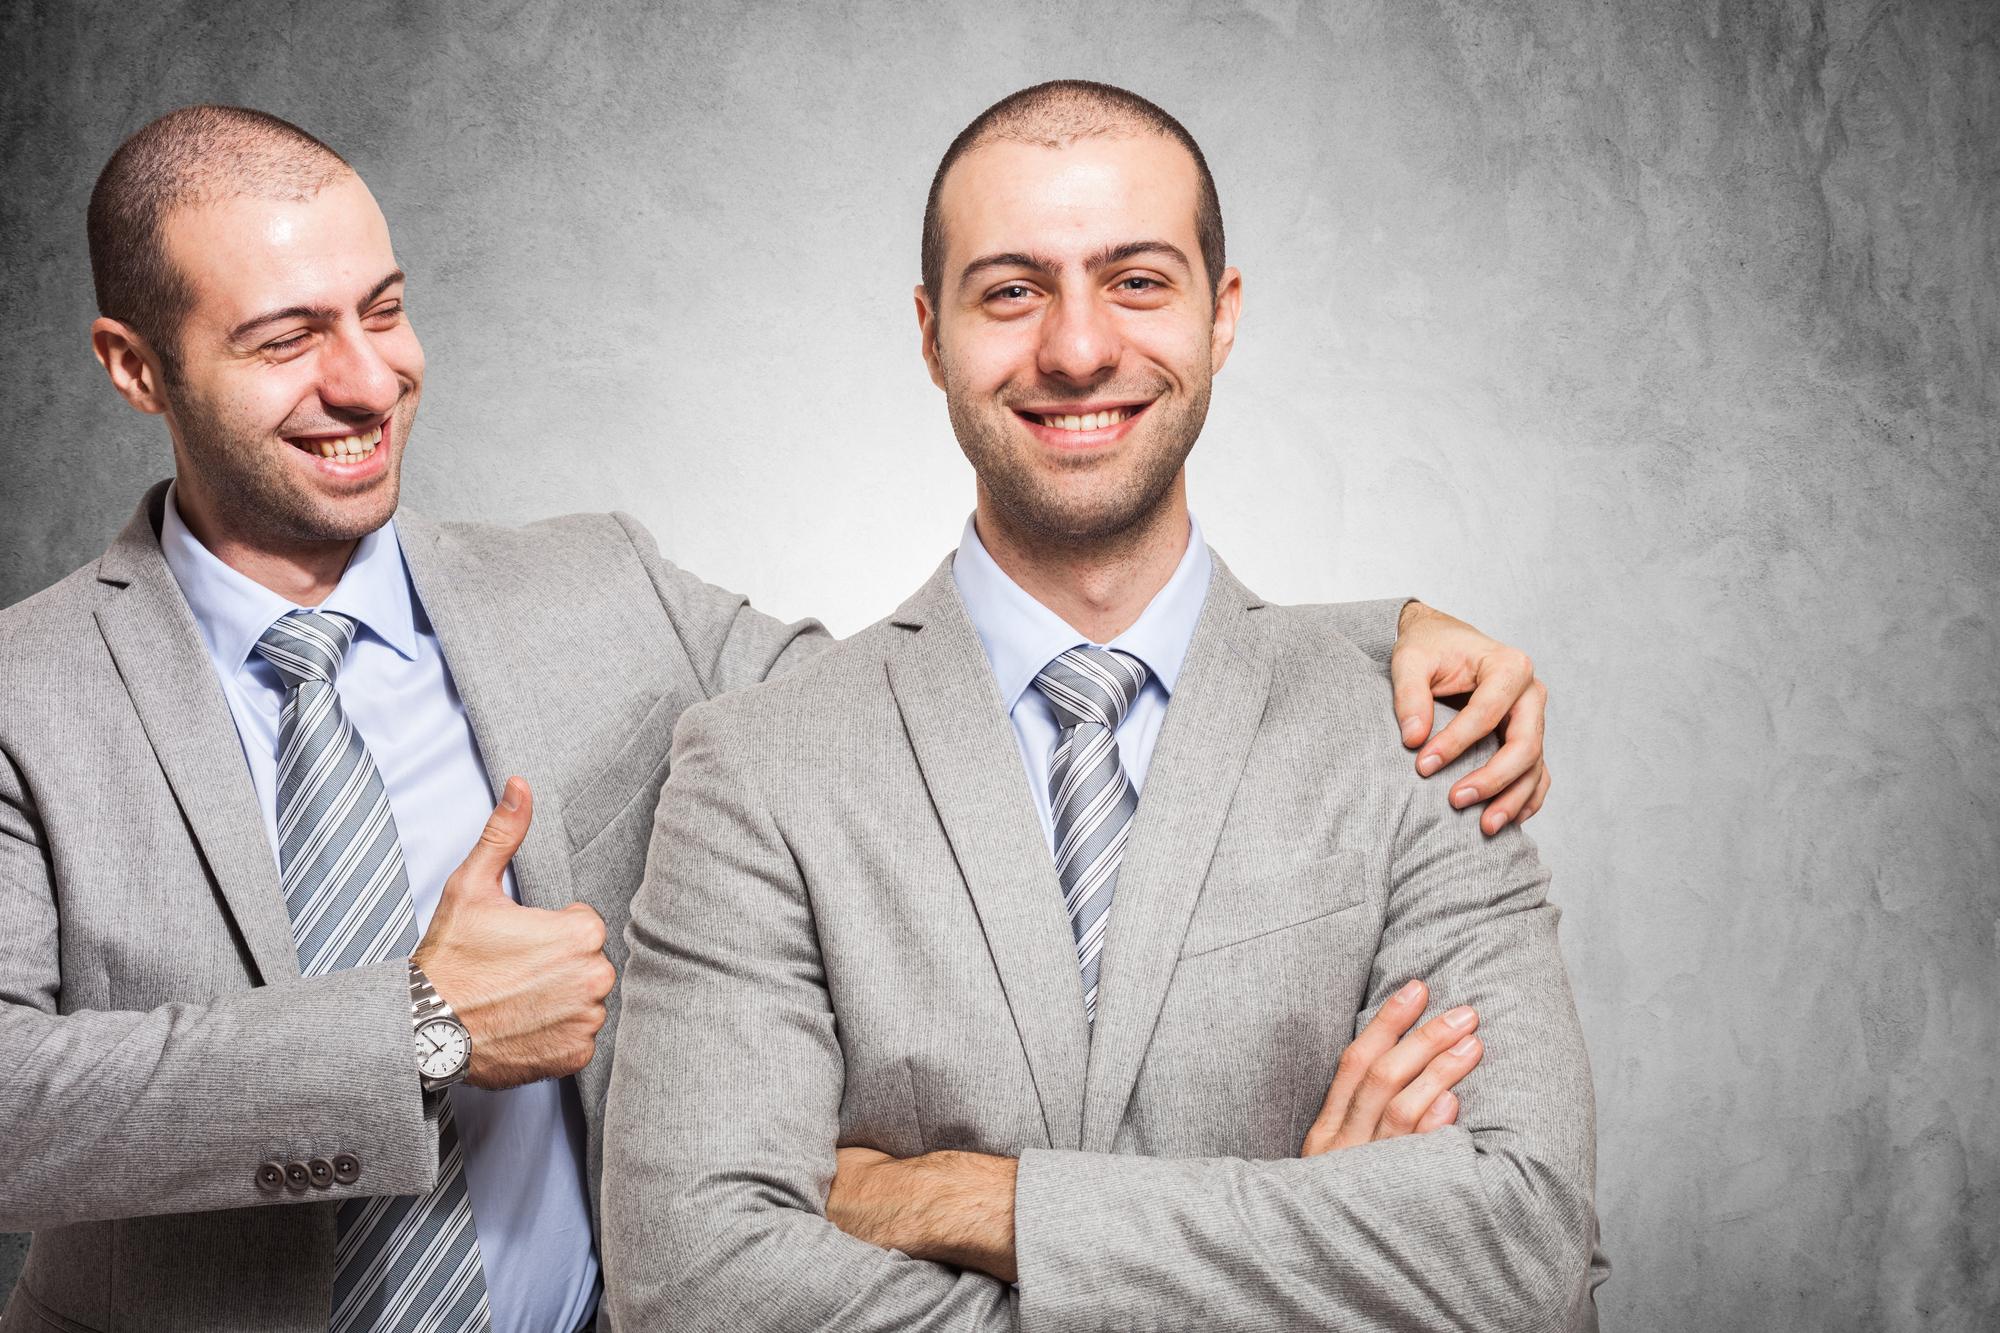 Klopt het dat bij feedback op ons eigen functioneren geen negativiteitsbias maar een positiviteitsbias hebben?